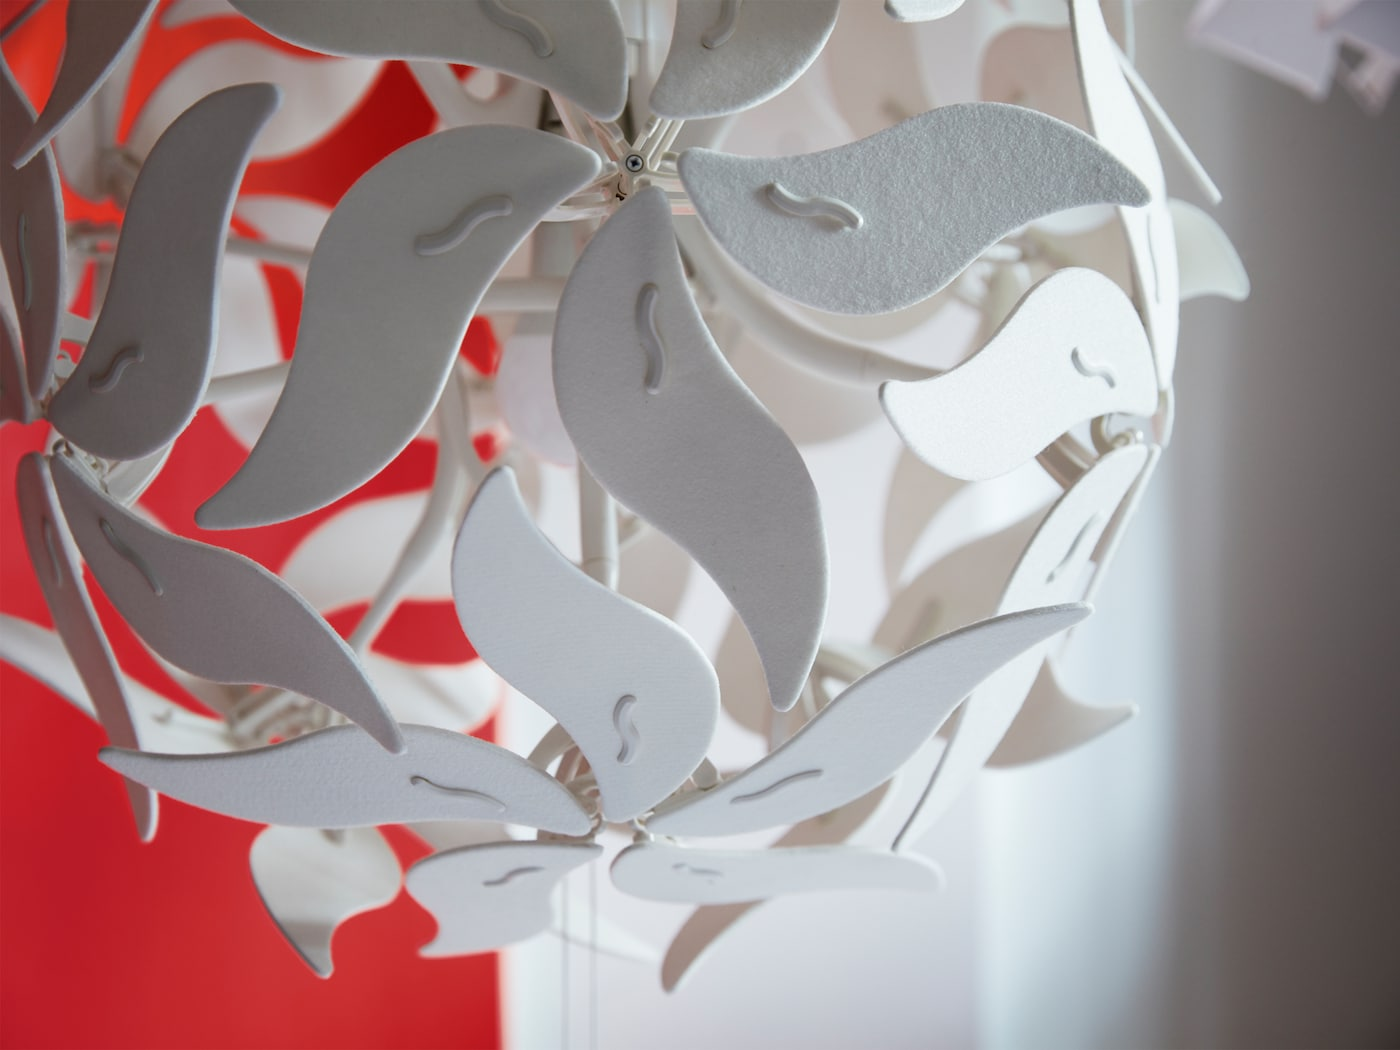 Nahaufnahme einer RAMSELE Hängeleuchte im Blütendesign, das sich durch einen Kordelzug im Aussehen verändern lässt.